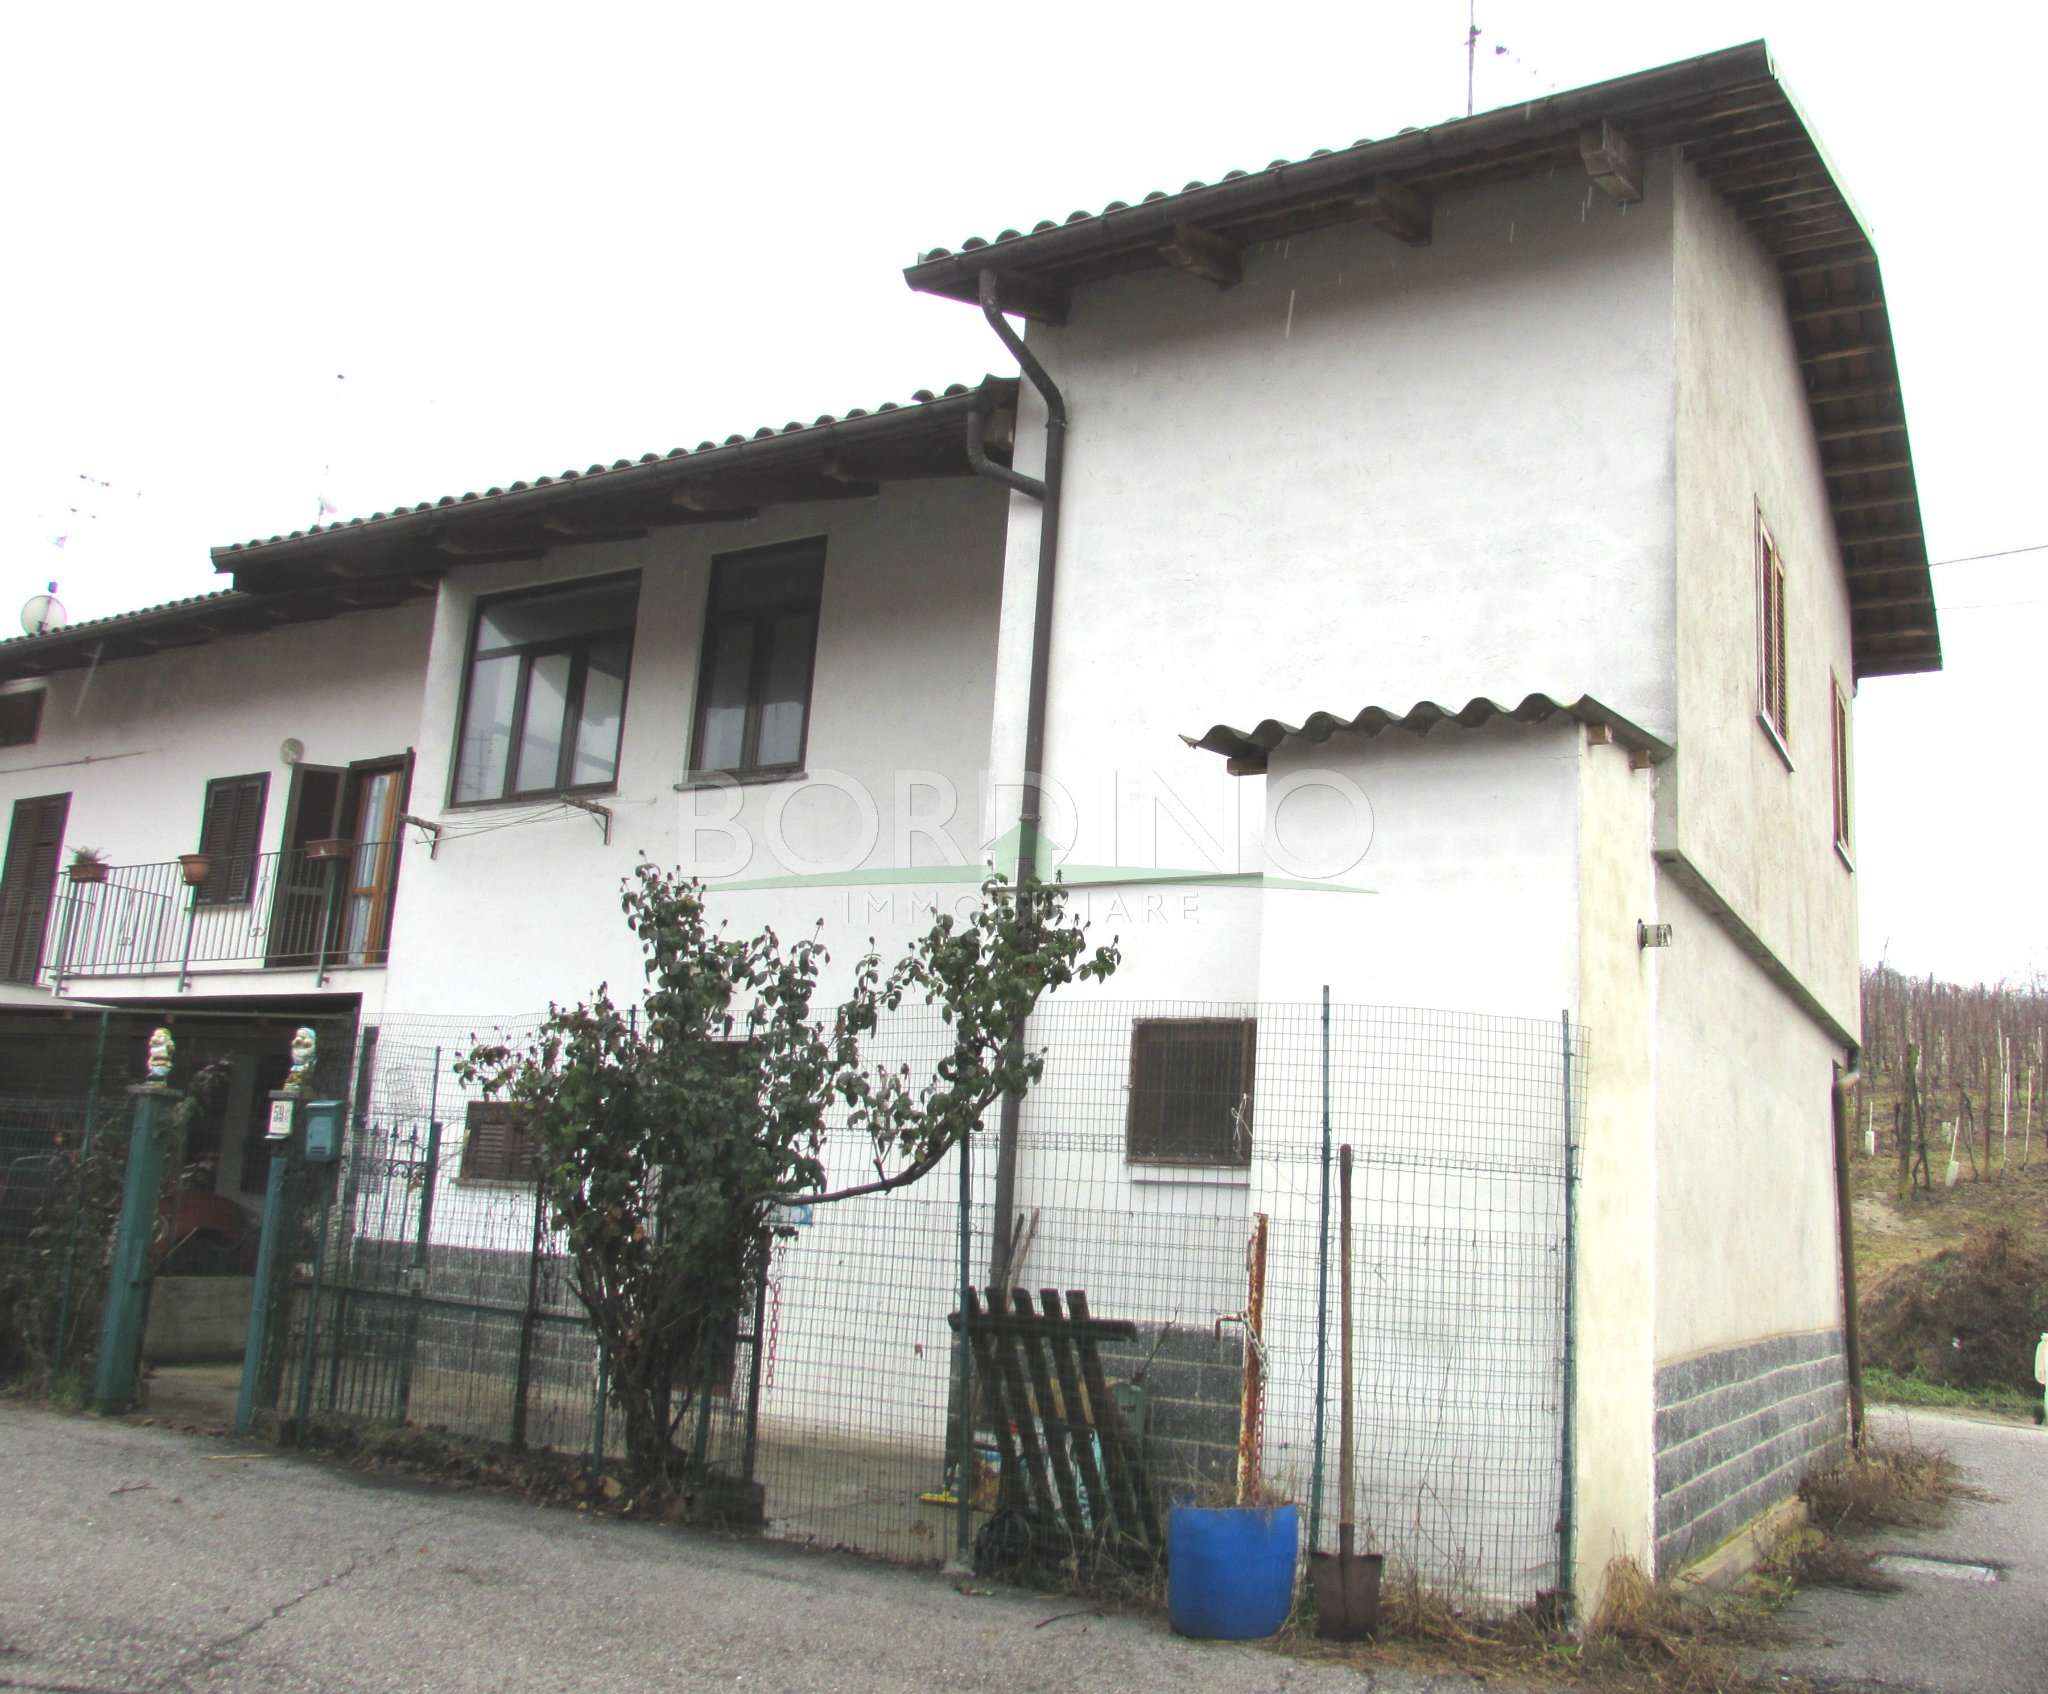 Soluzione Indipendente in vendita a Canale, 4 locali, prezzo € 45.000 | CambioCasa.it